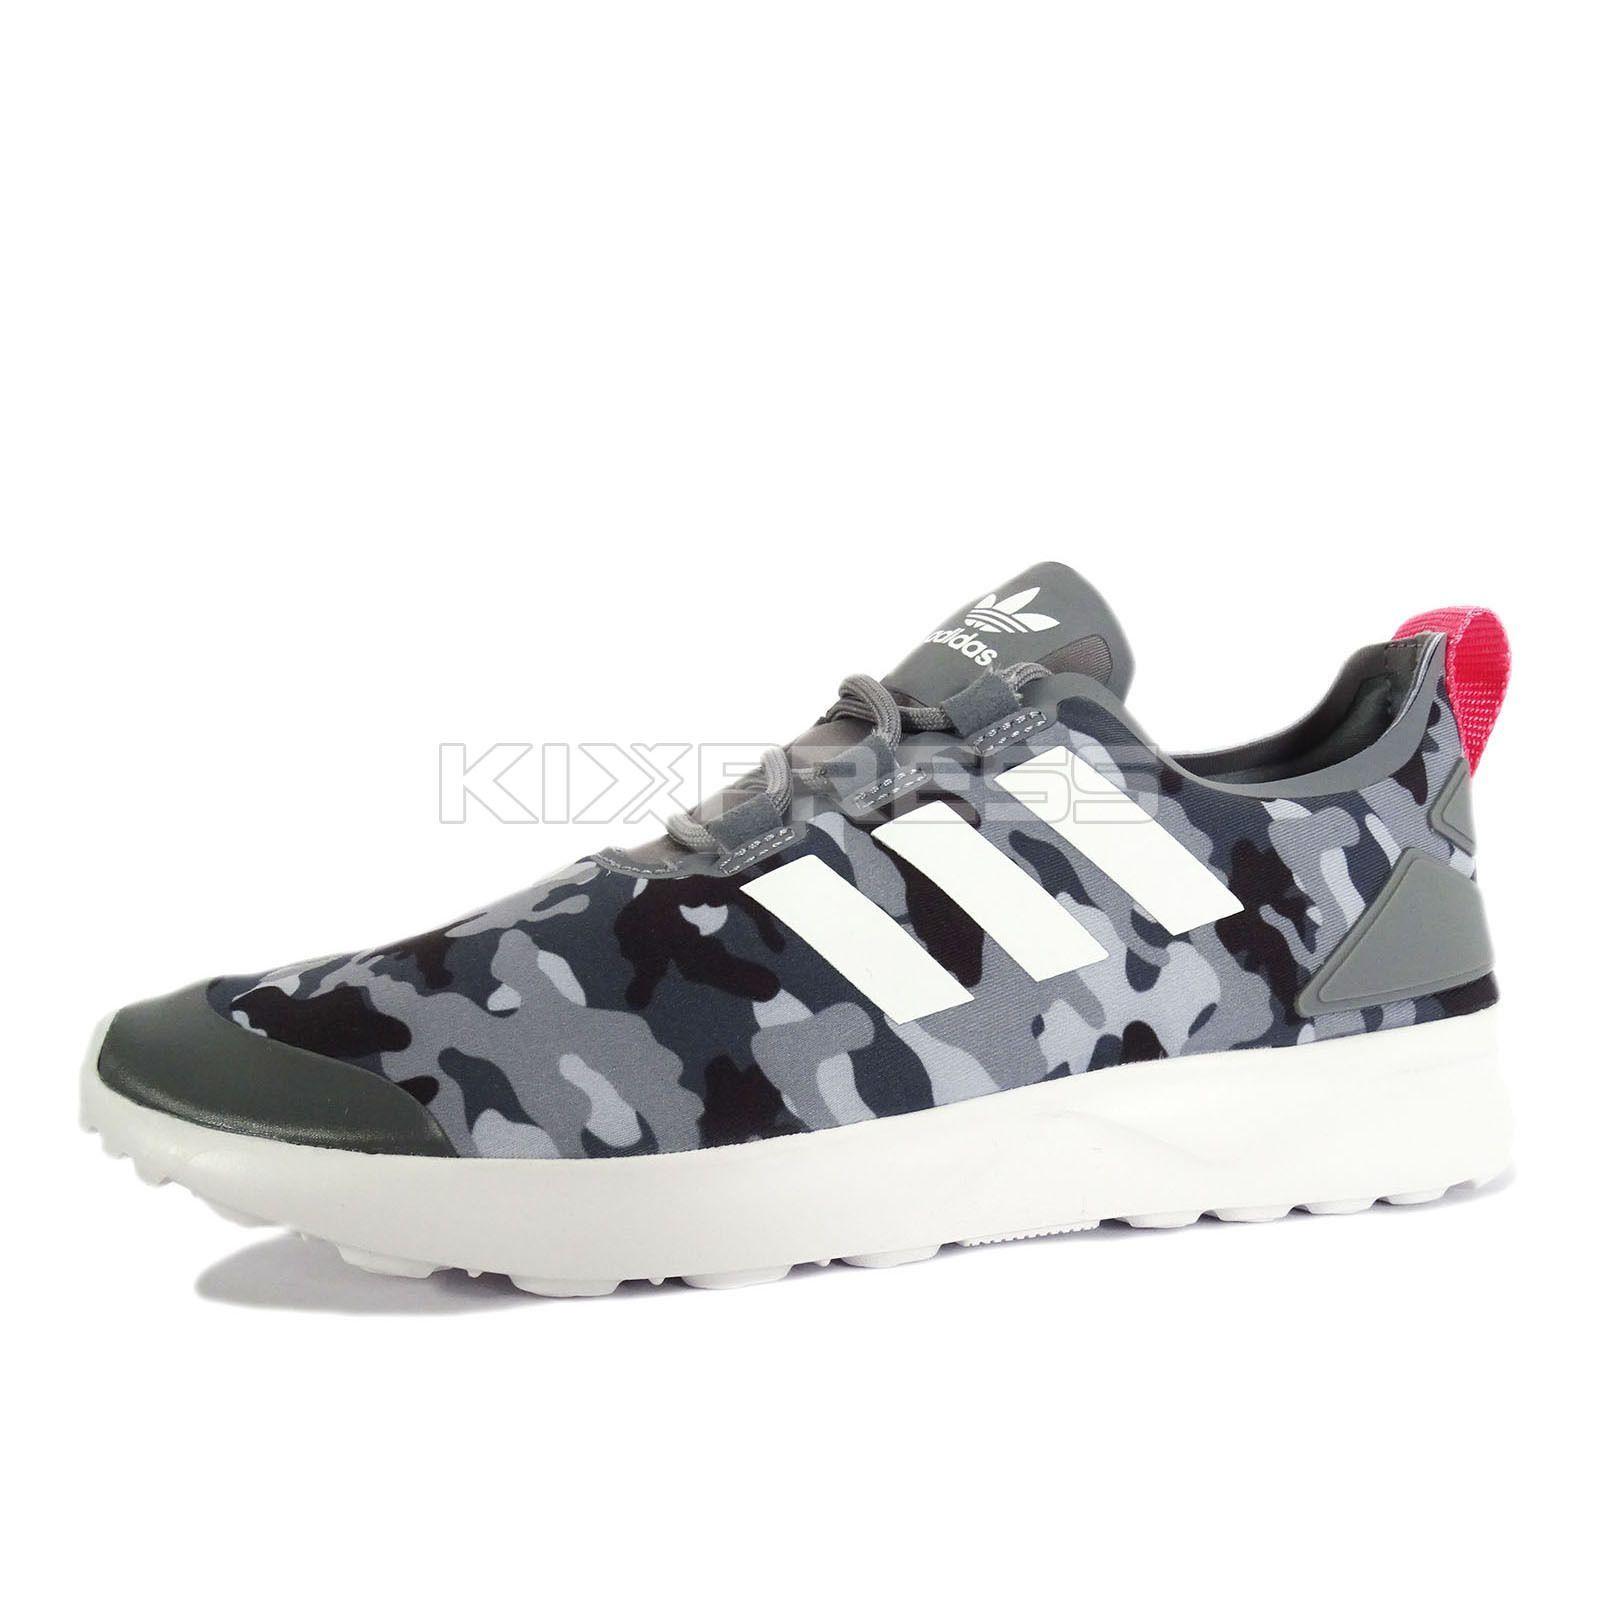 8c80e2a52b1a6 ... low price adidas zx flux adv verve w s32063 original running camo grey  pink 73e6e ec7cf